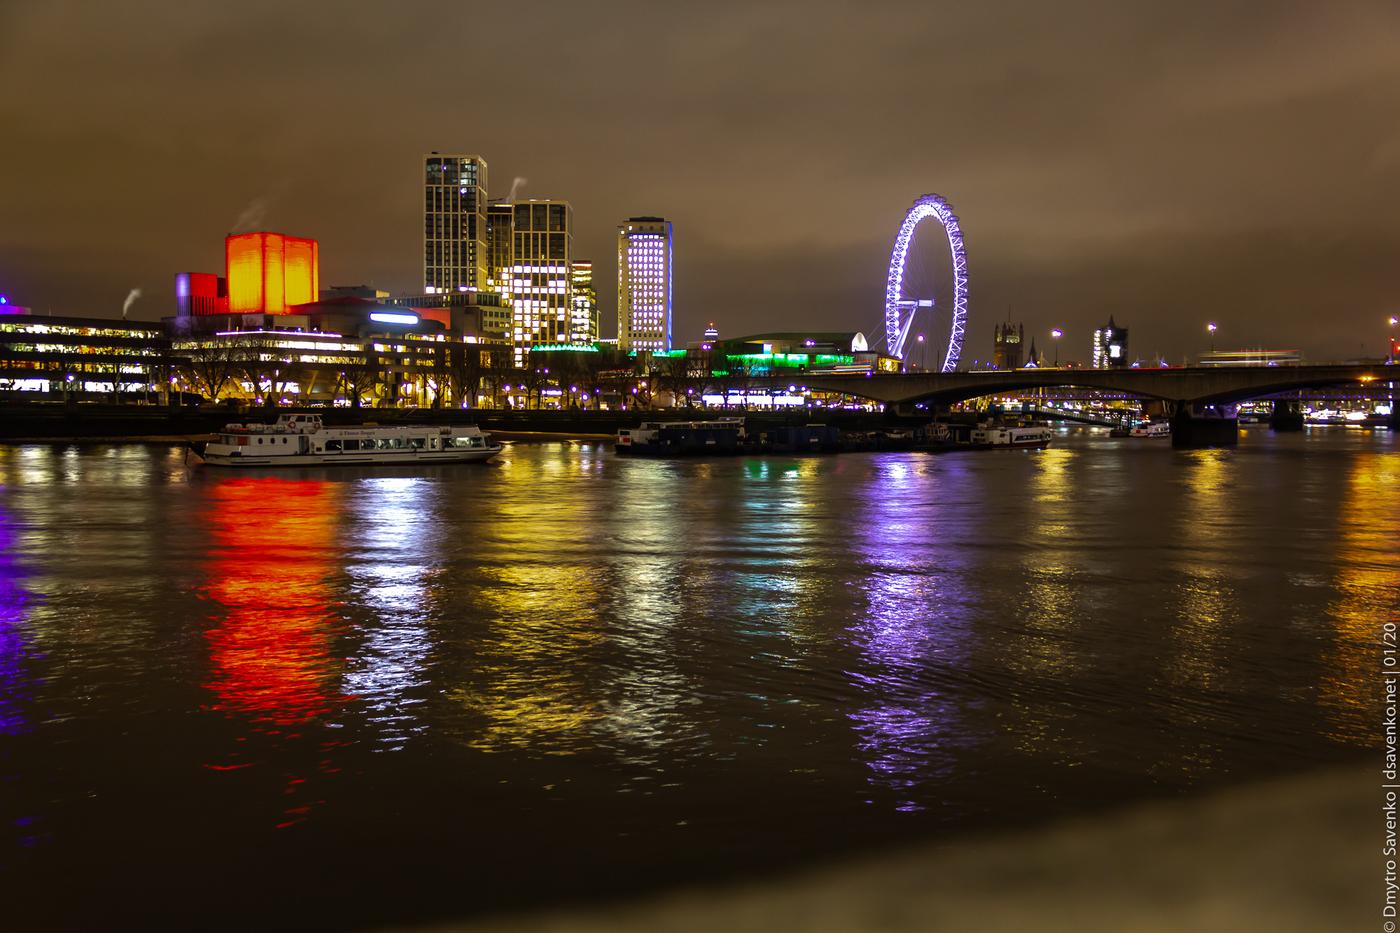 london_202001_002